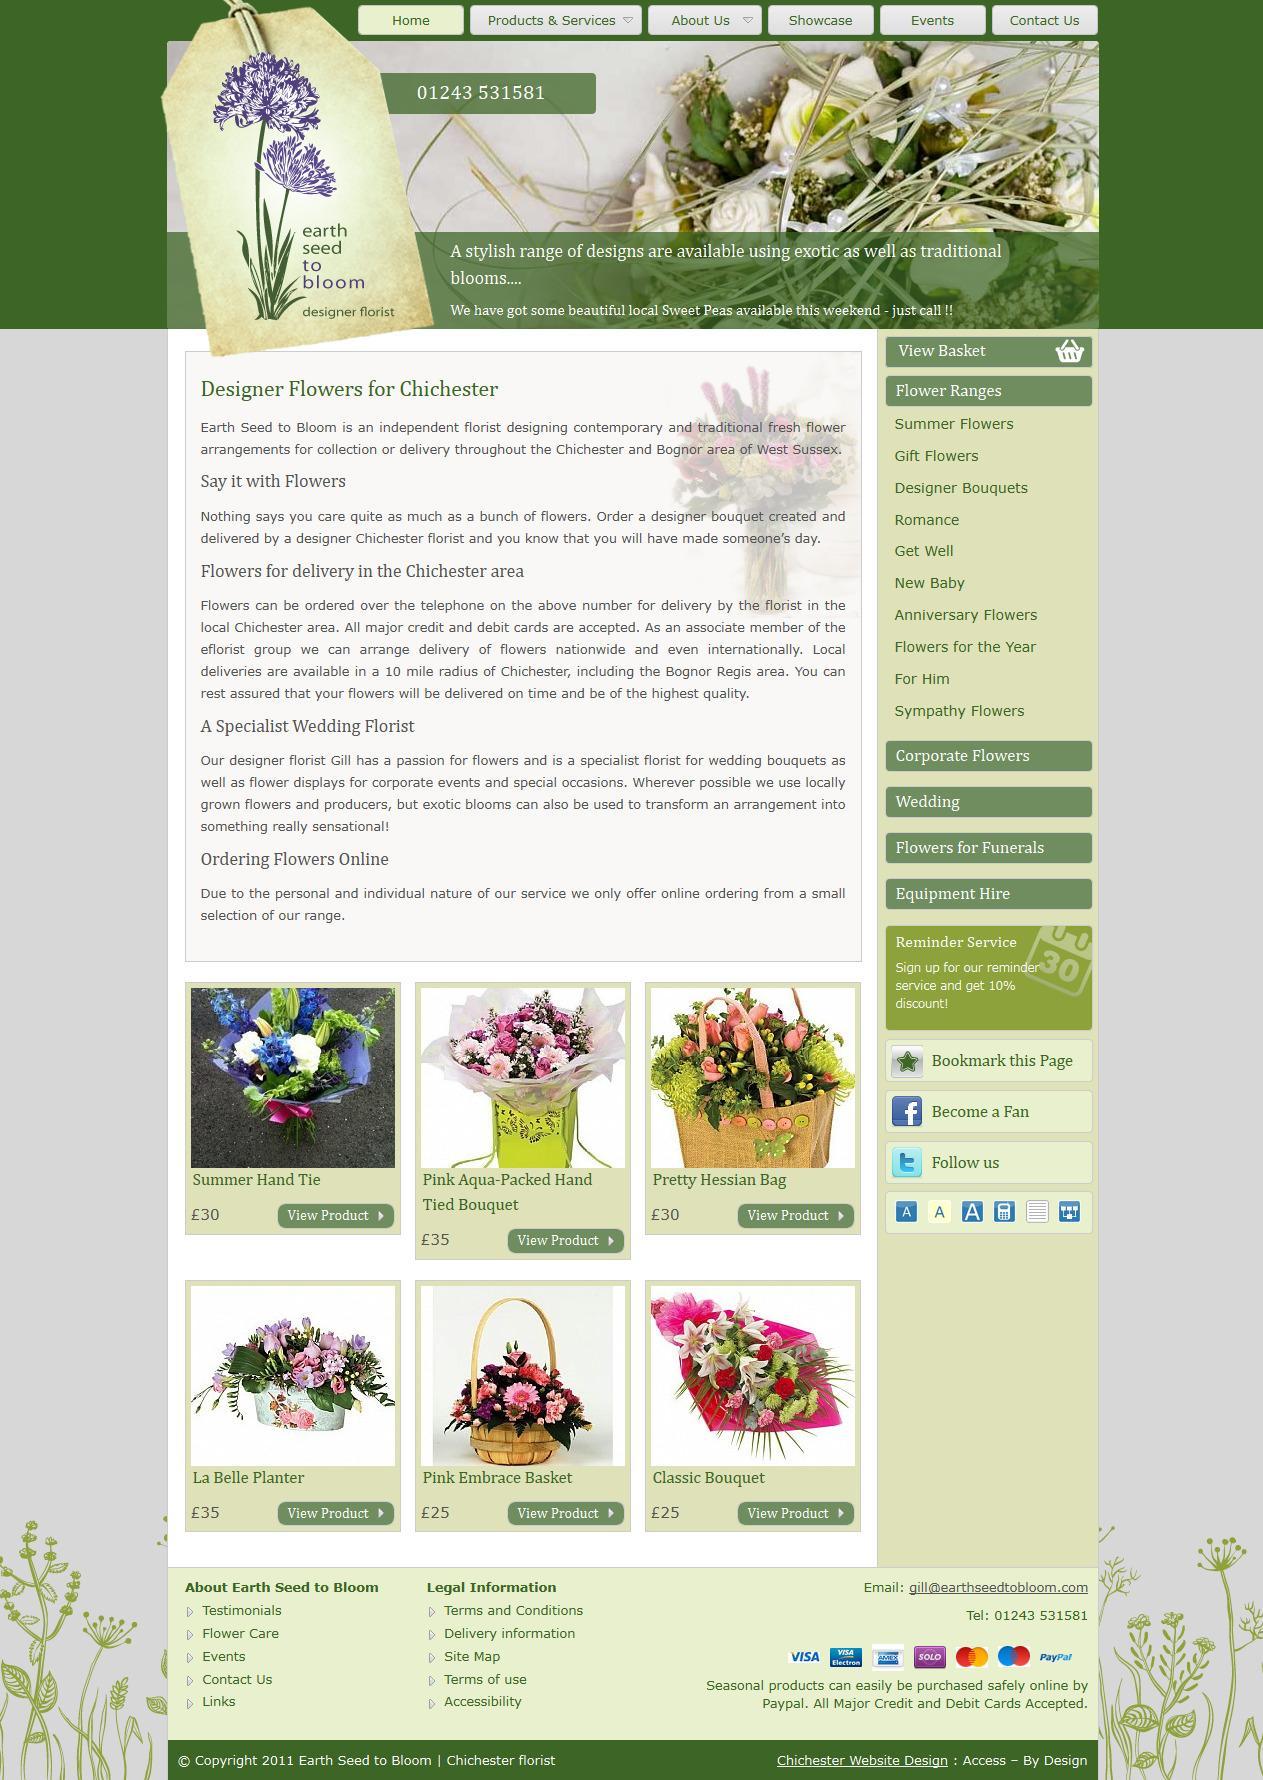 homepage_0.jpg (1263×1780)